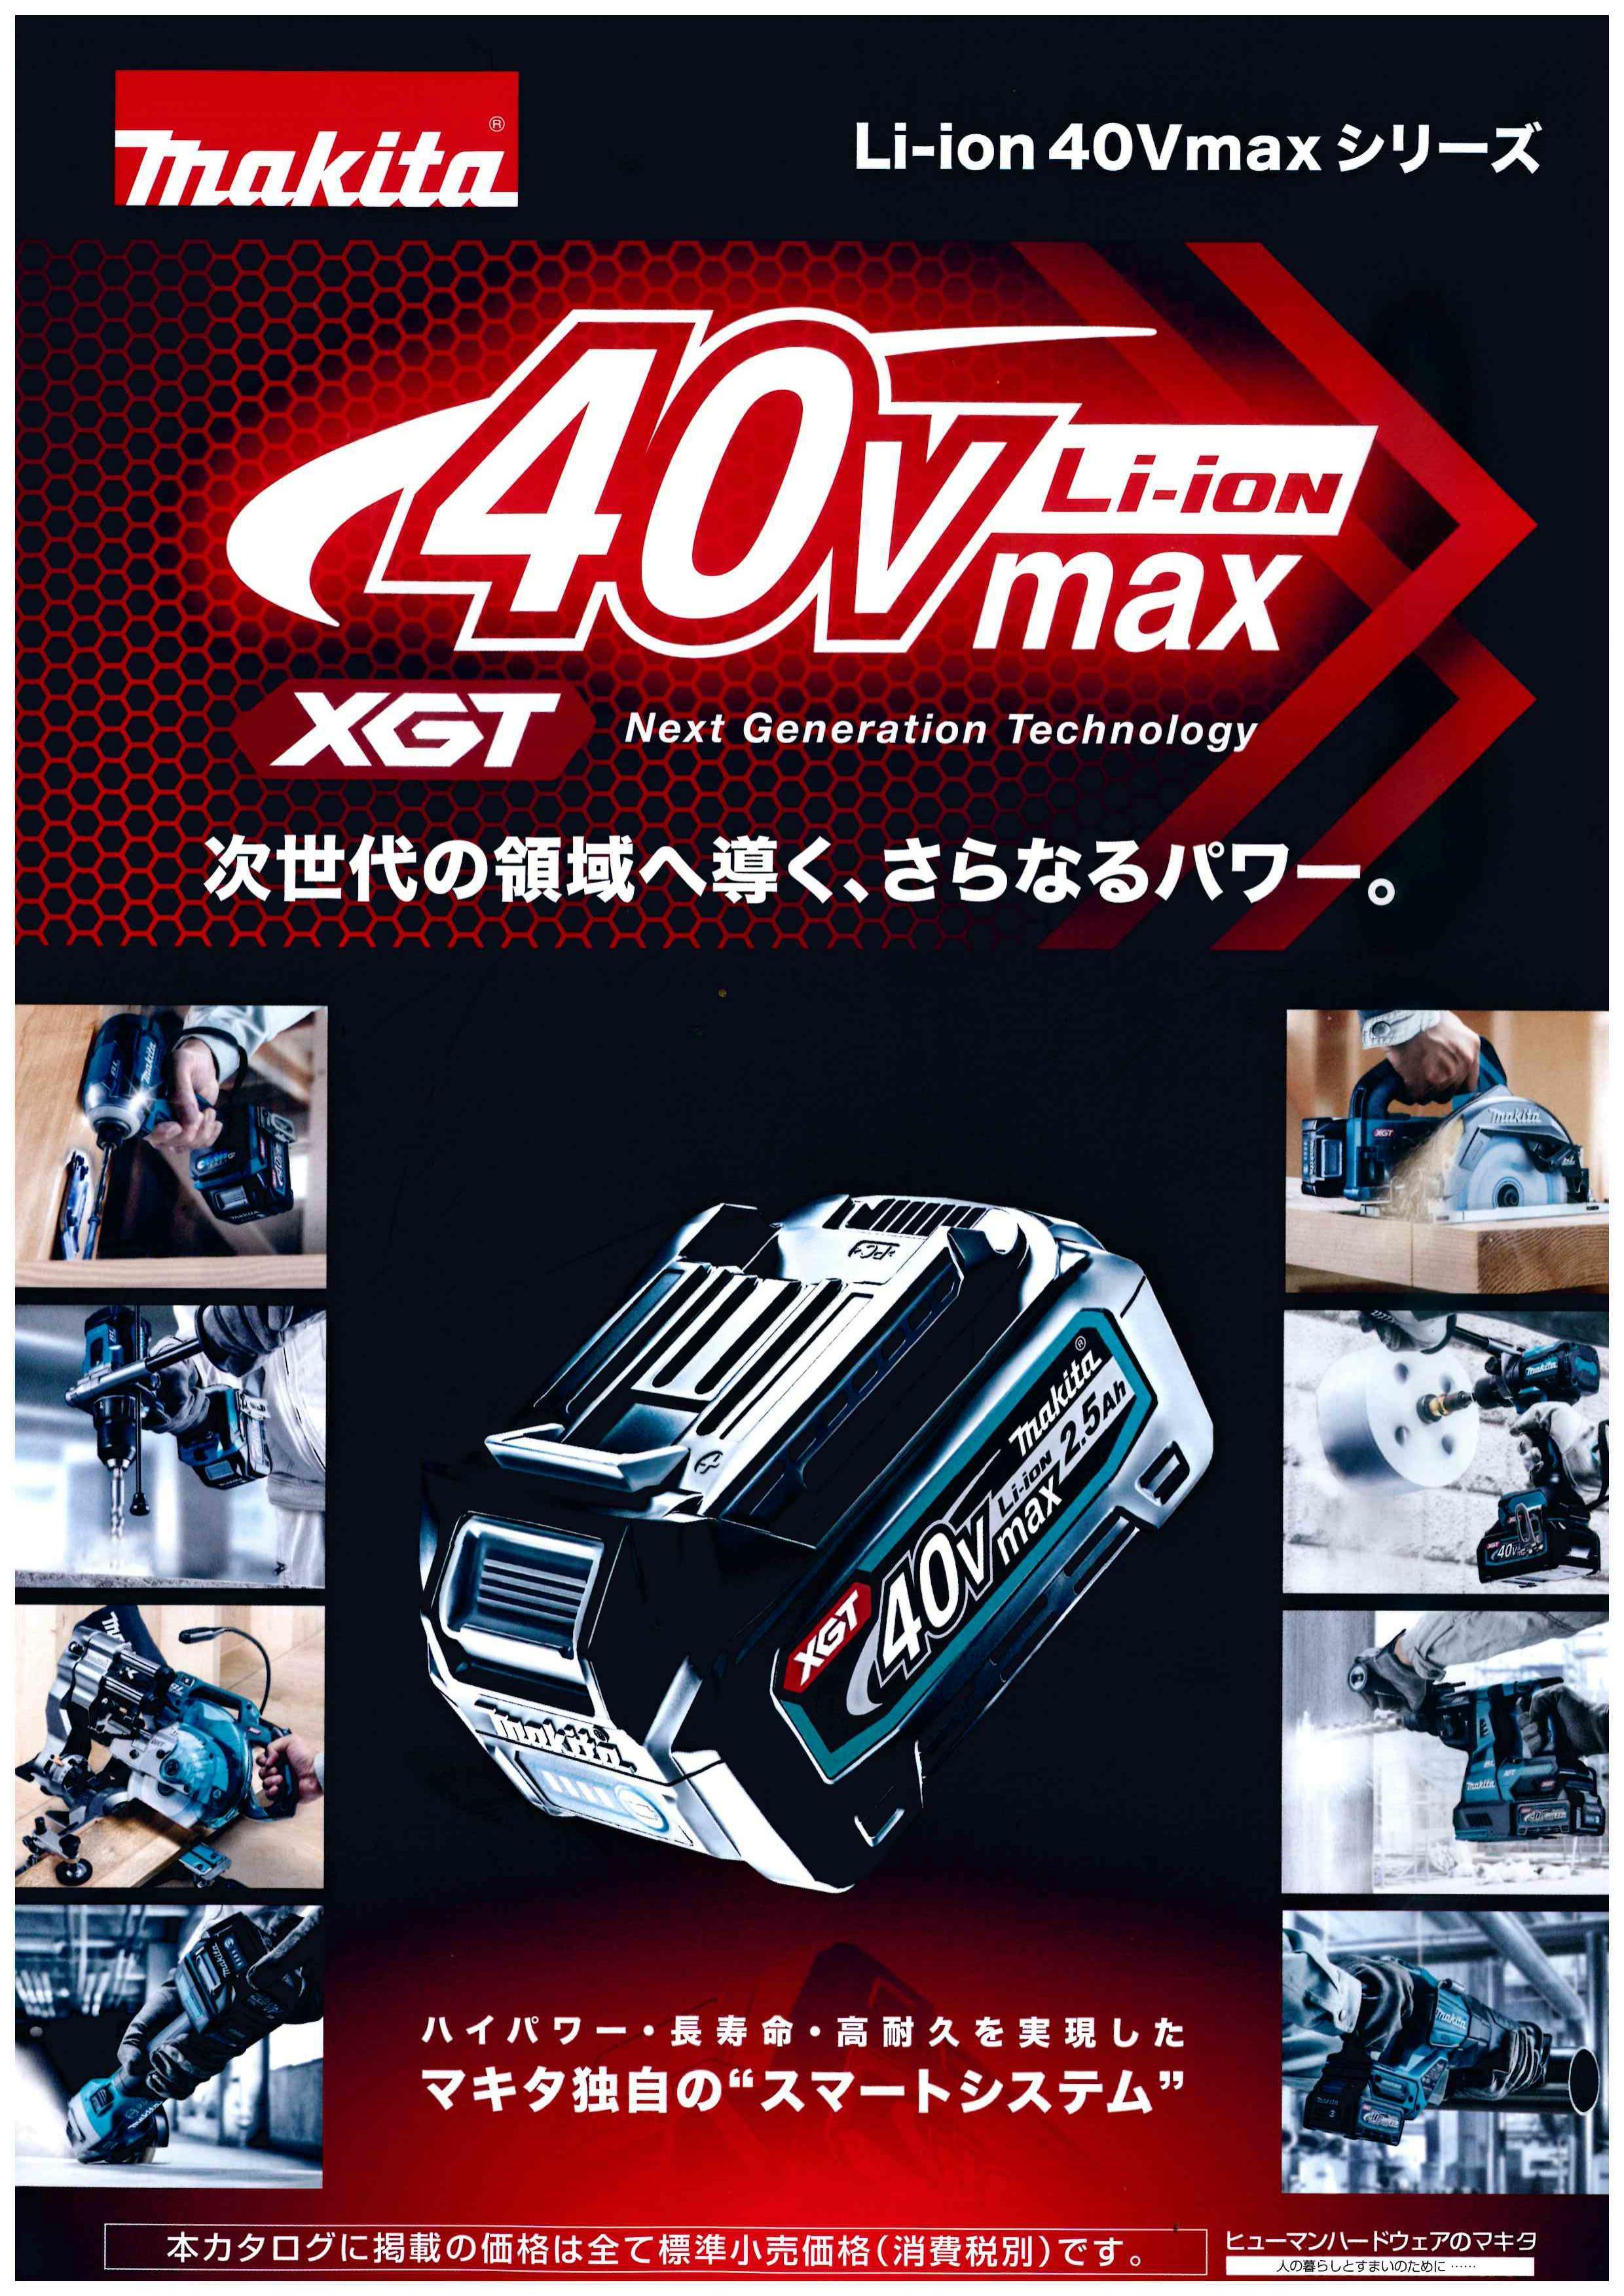 マキタ 40v バッテリー